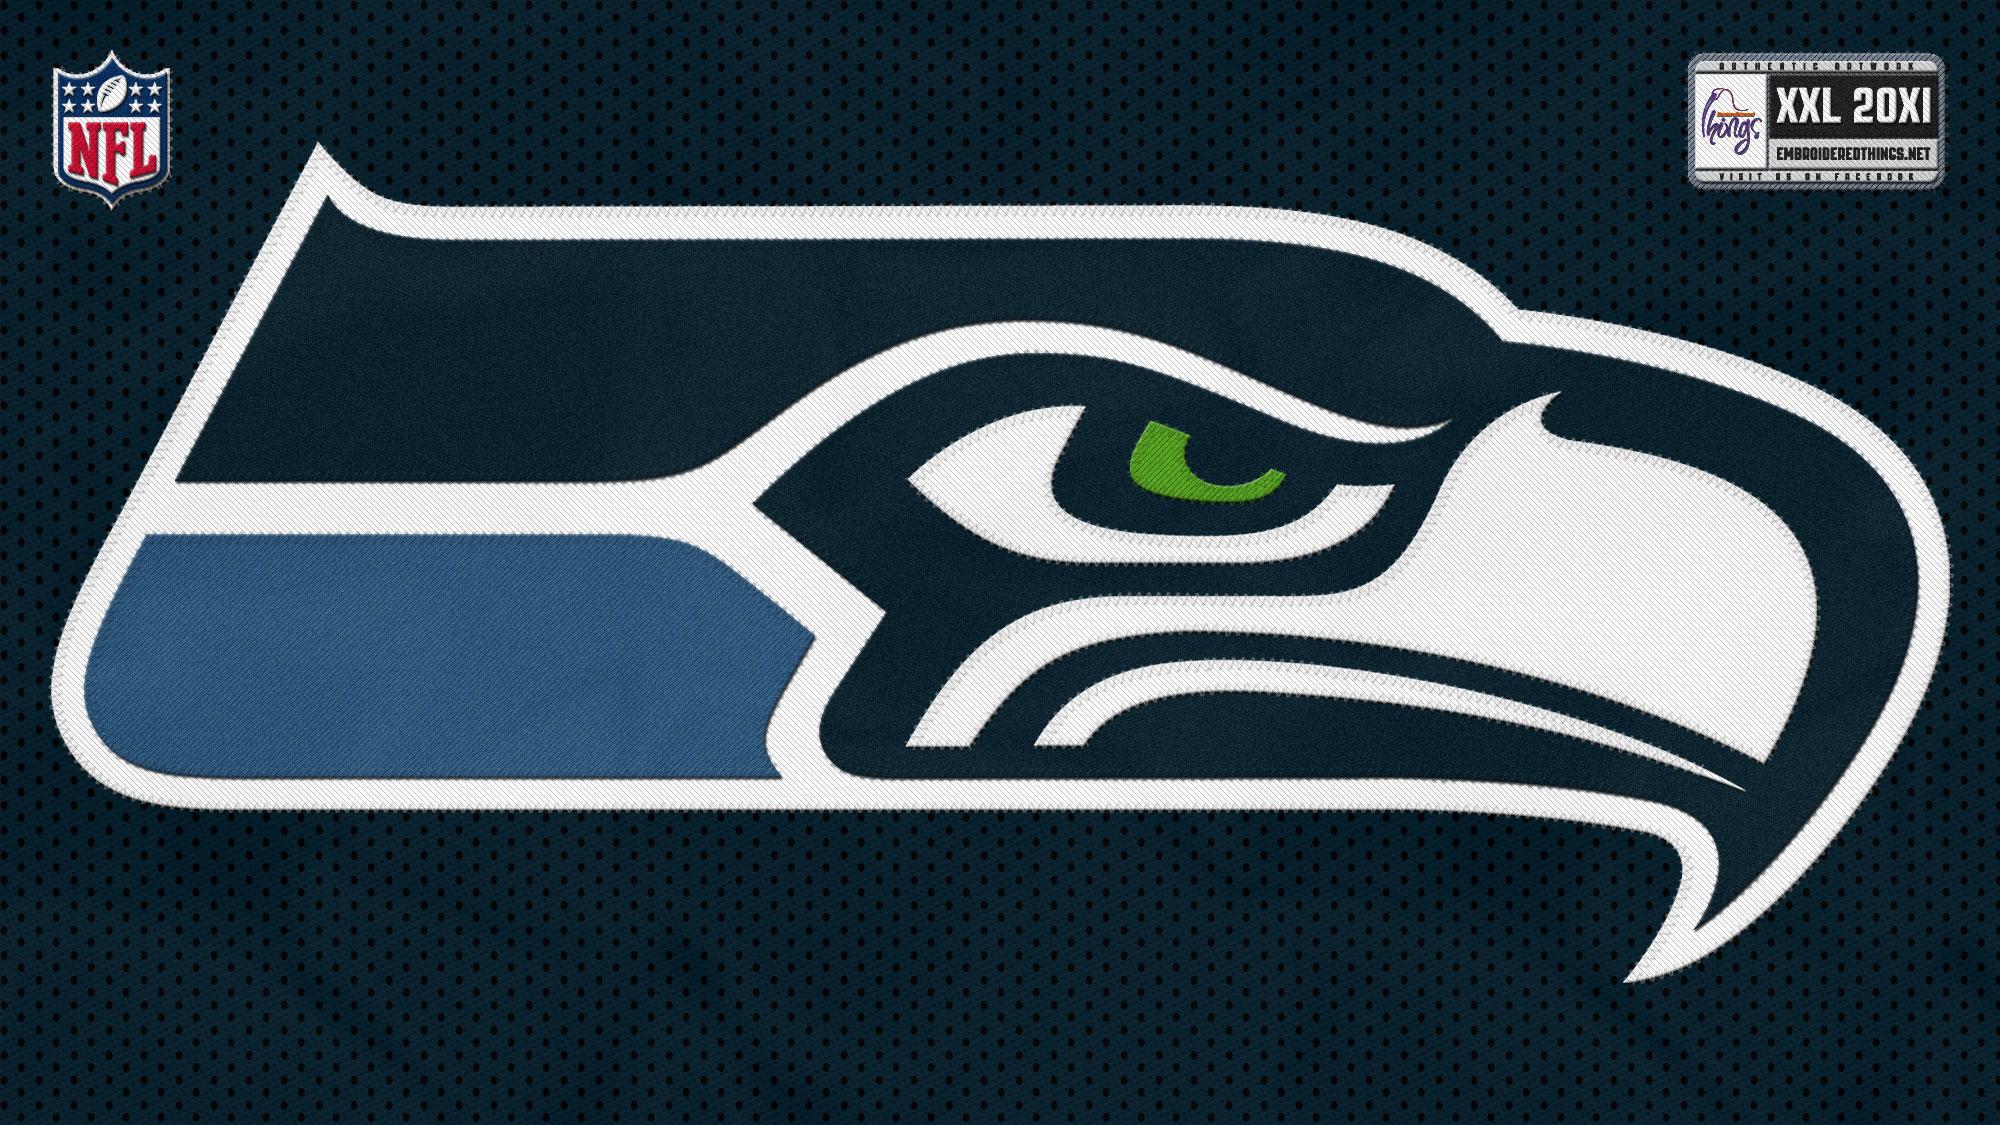 Seattle Seahawks nfl football sport logo wallpaper background